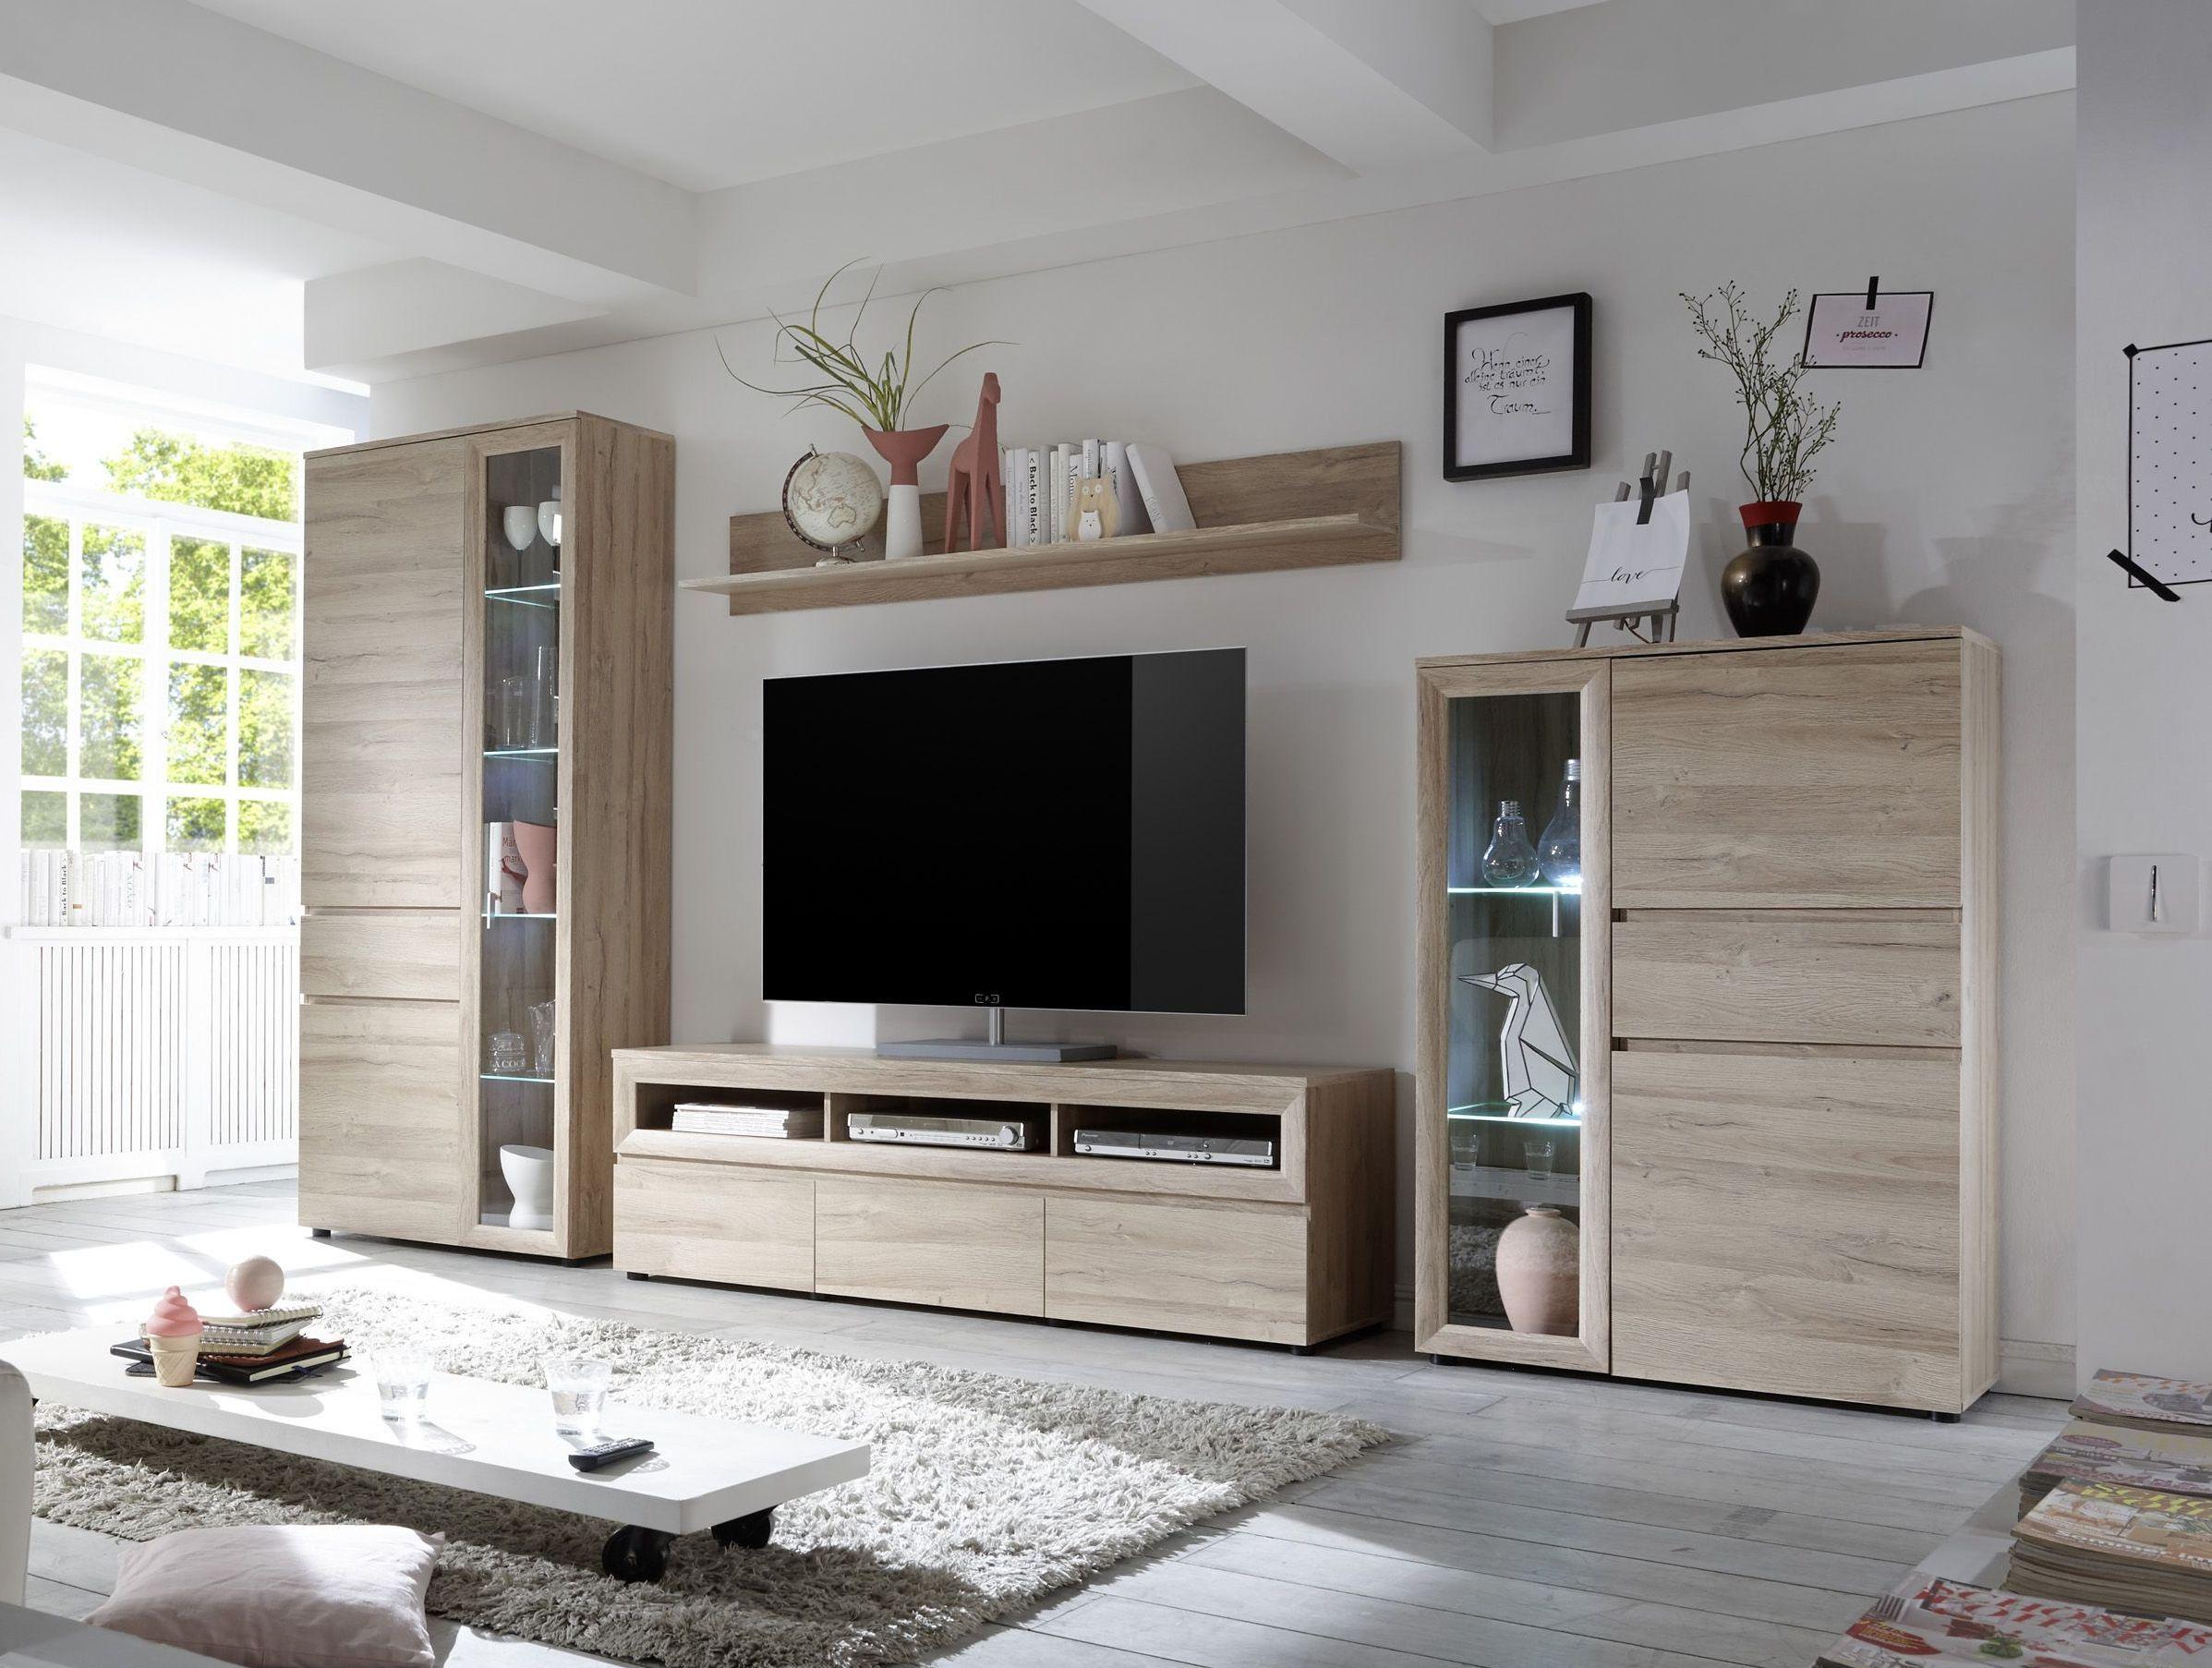 Wohnwand Eiche Grandson Oak Mit Led Beleuchtung Woody 61 00190 Holz Modern  Jetzt Bestellen Unter